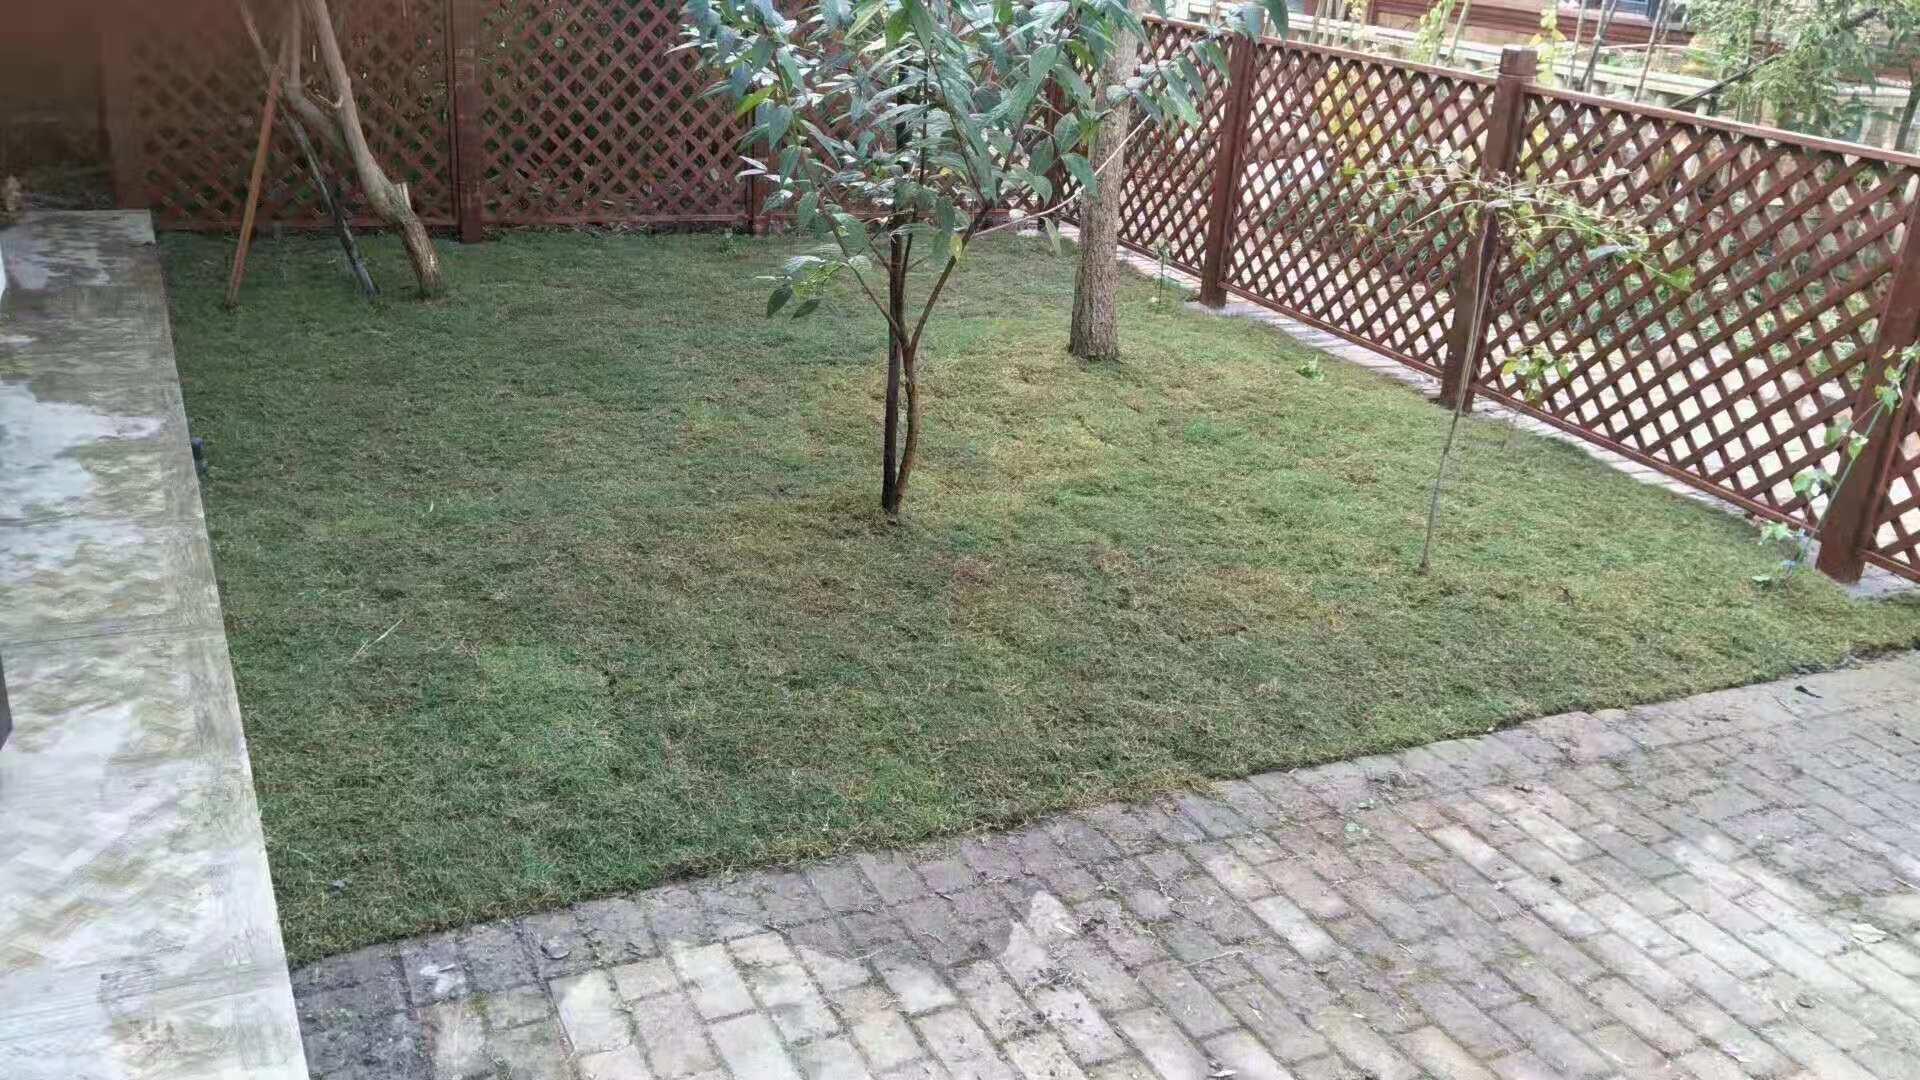 庭院中的草坪